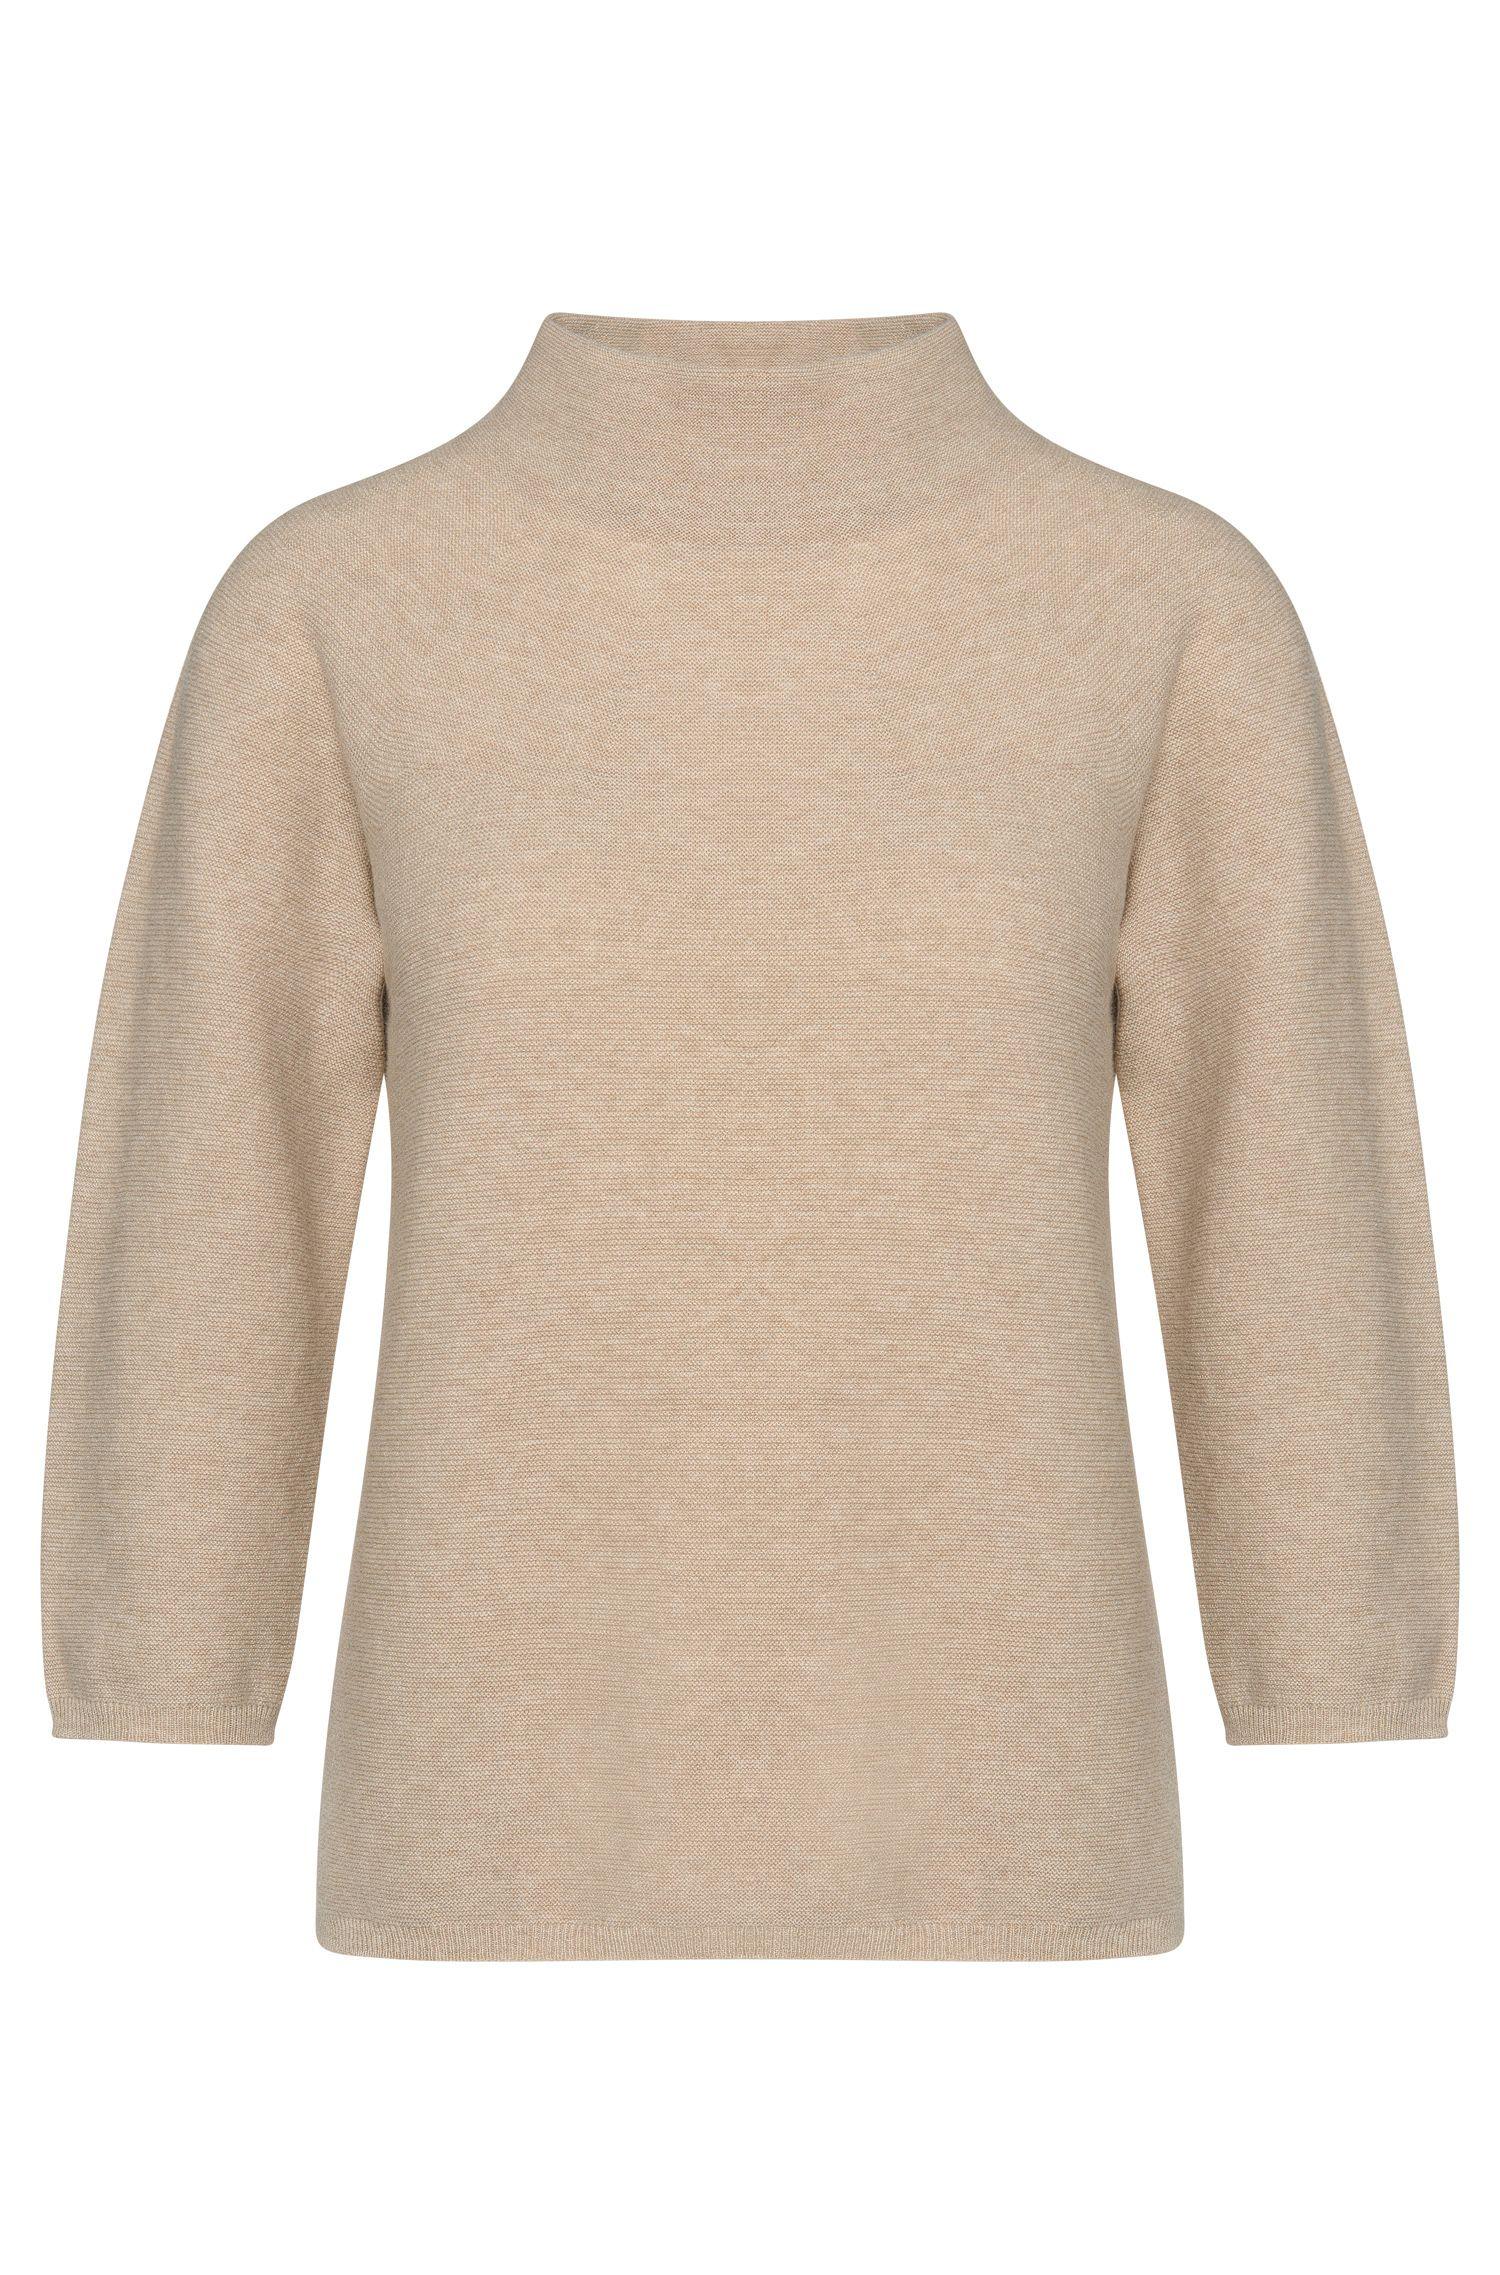 'Famke'   Virgin Wool Cashmere Funnel Neck Sweater